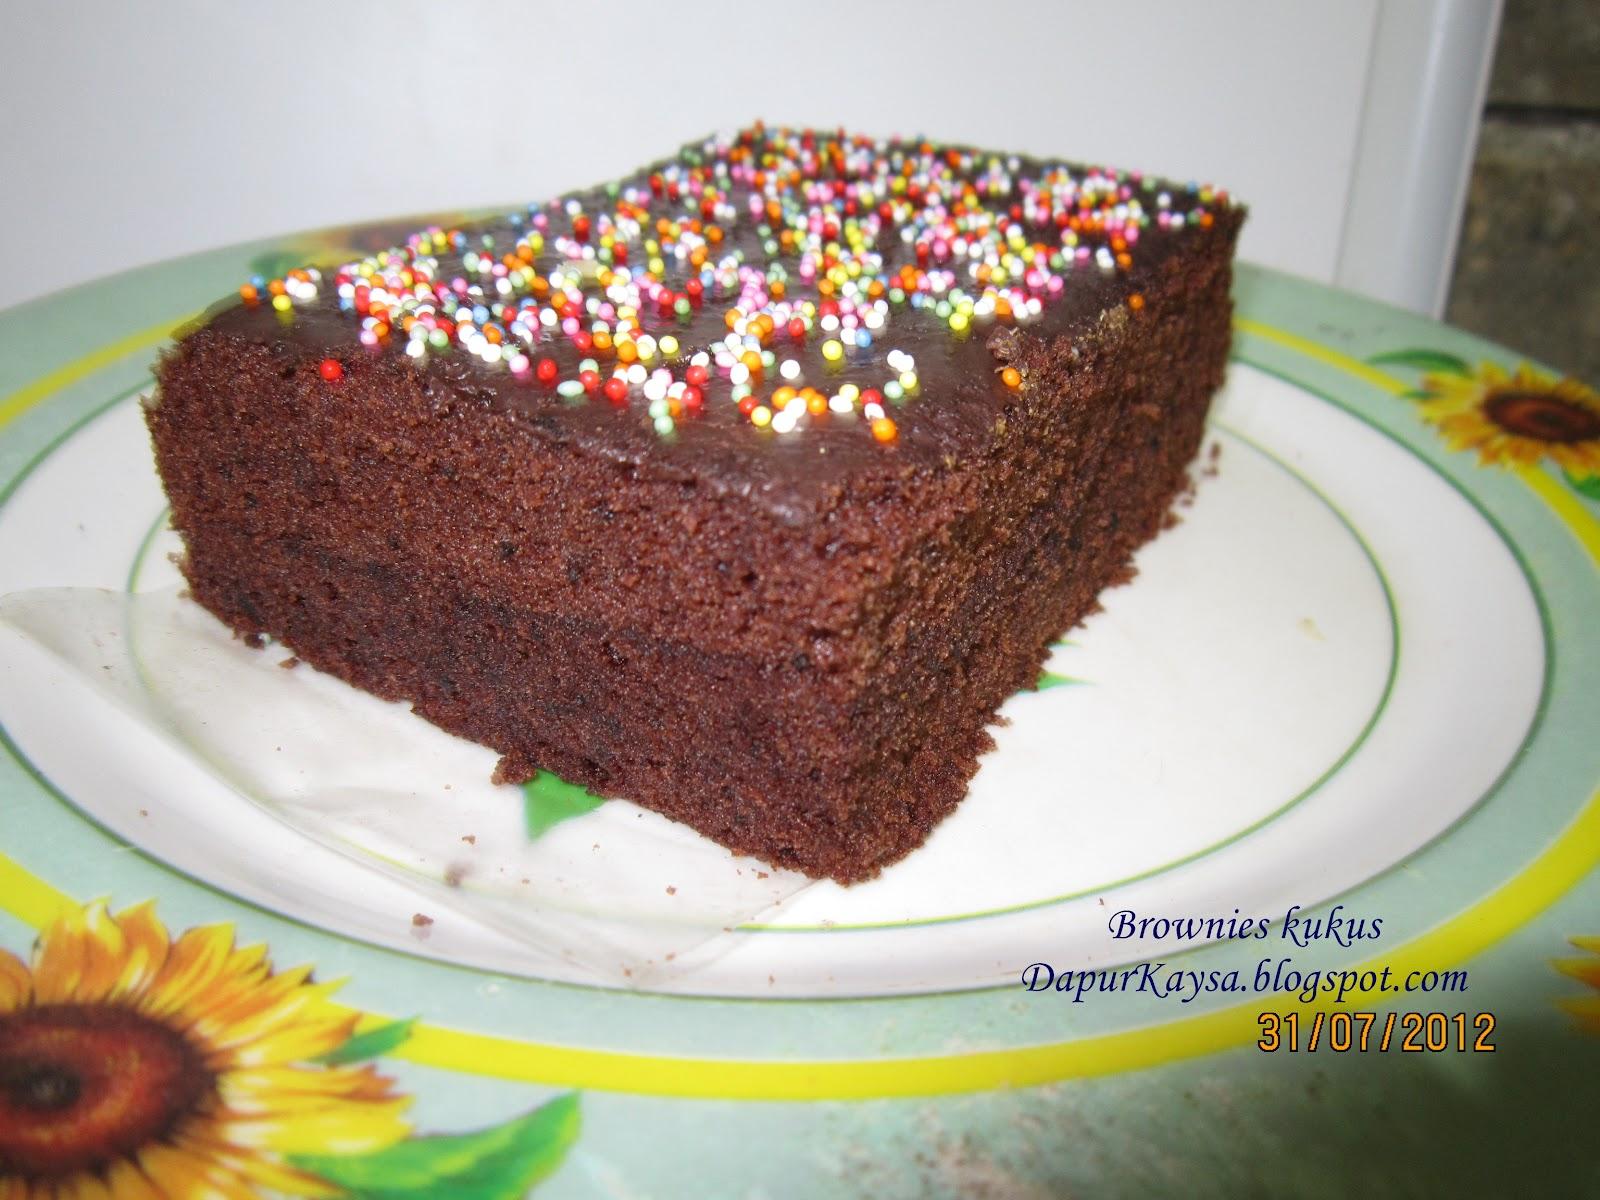 Resep Cake Kukus Hesti Kitchen: Kaysa's Little Kitchen: Brownies Kukus Ny. Liem